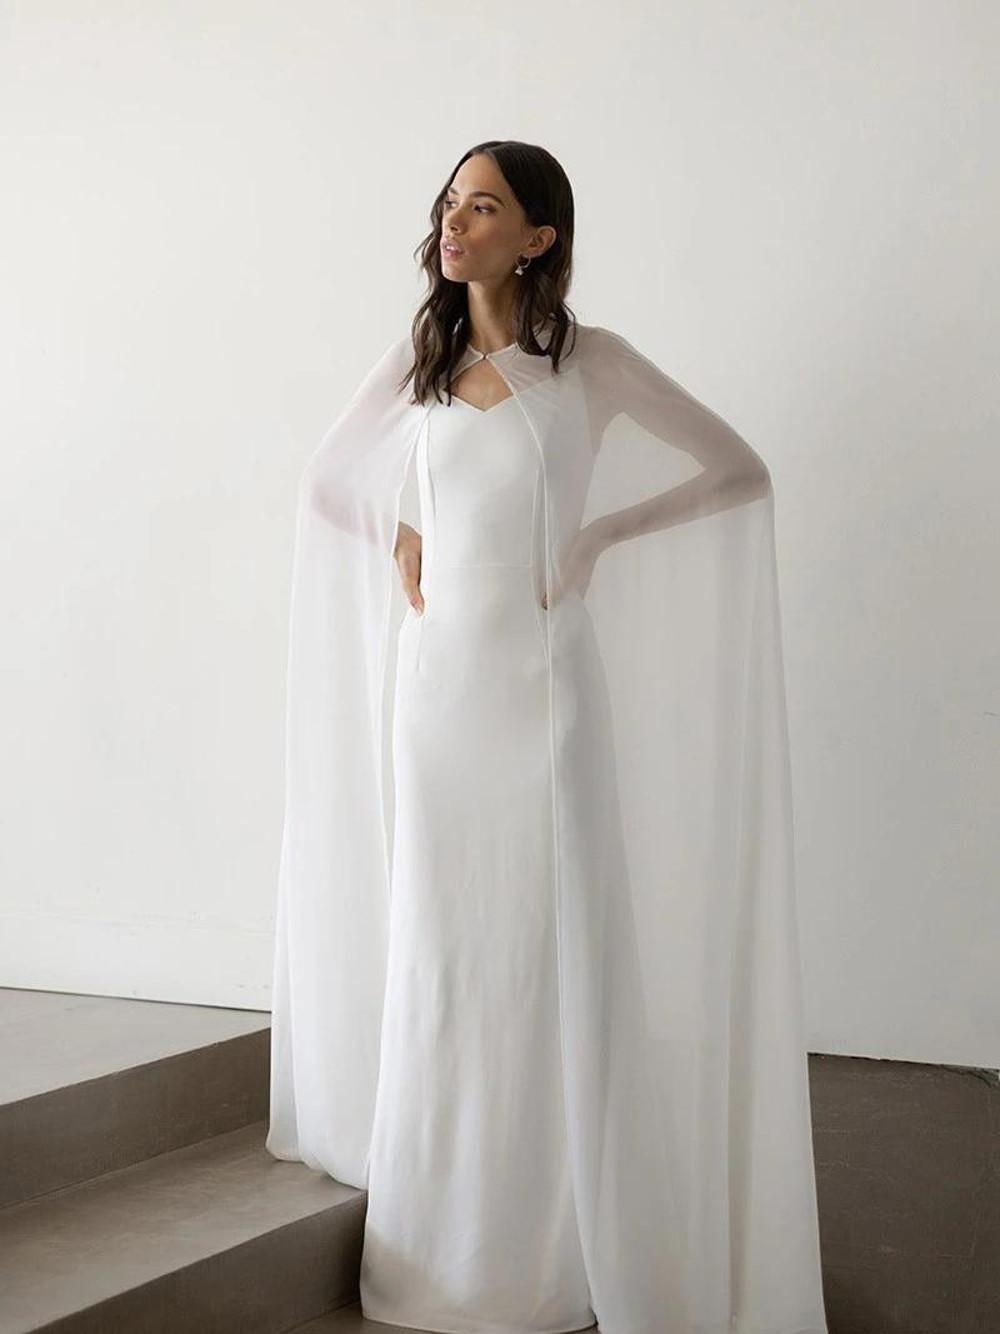 Freya_Dramatic Long Chiffon Bridal Cape